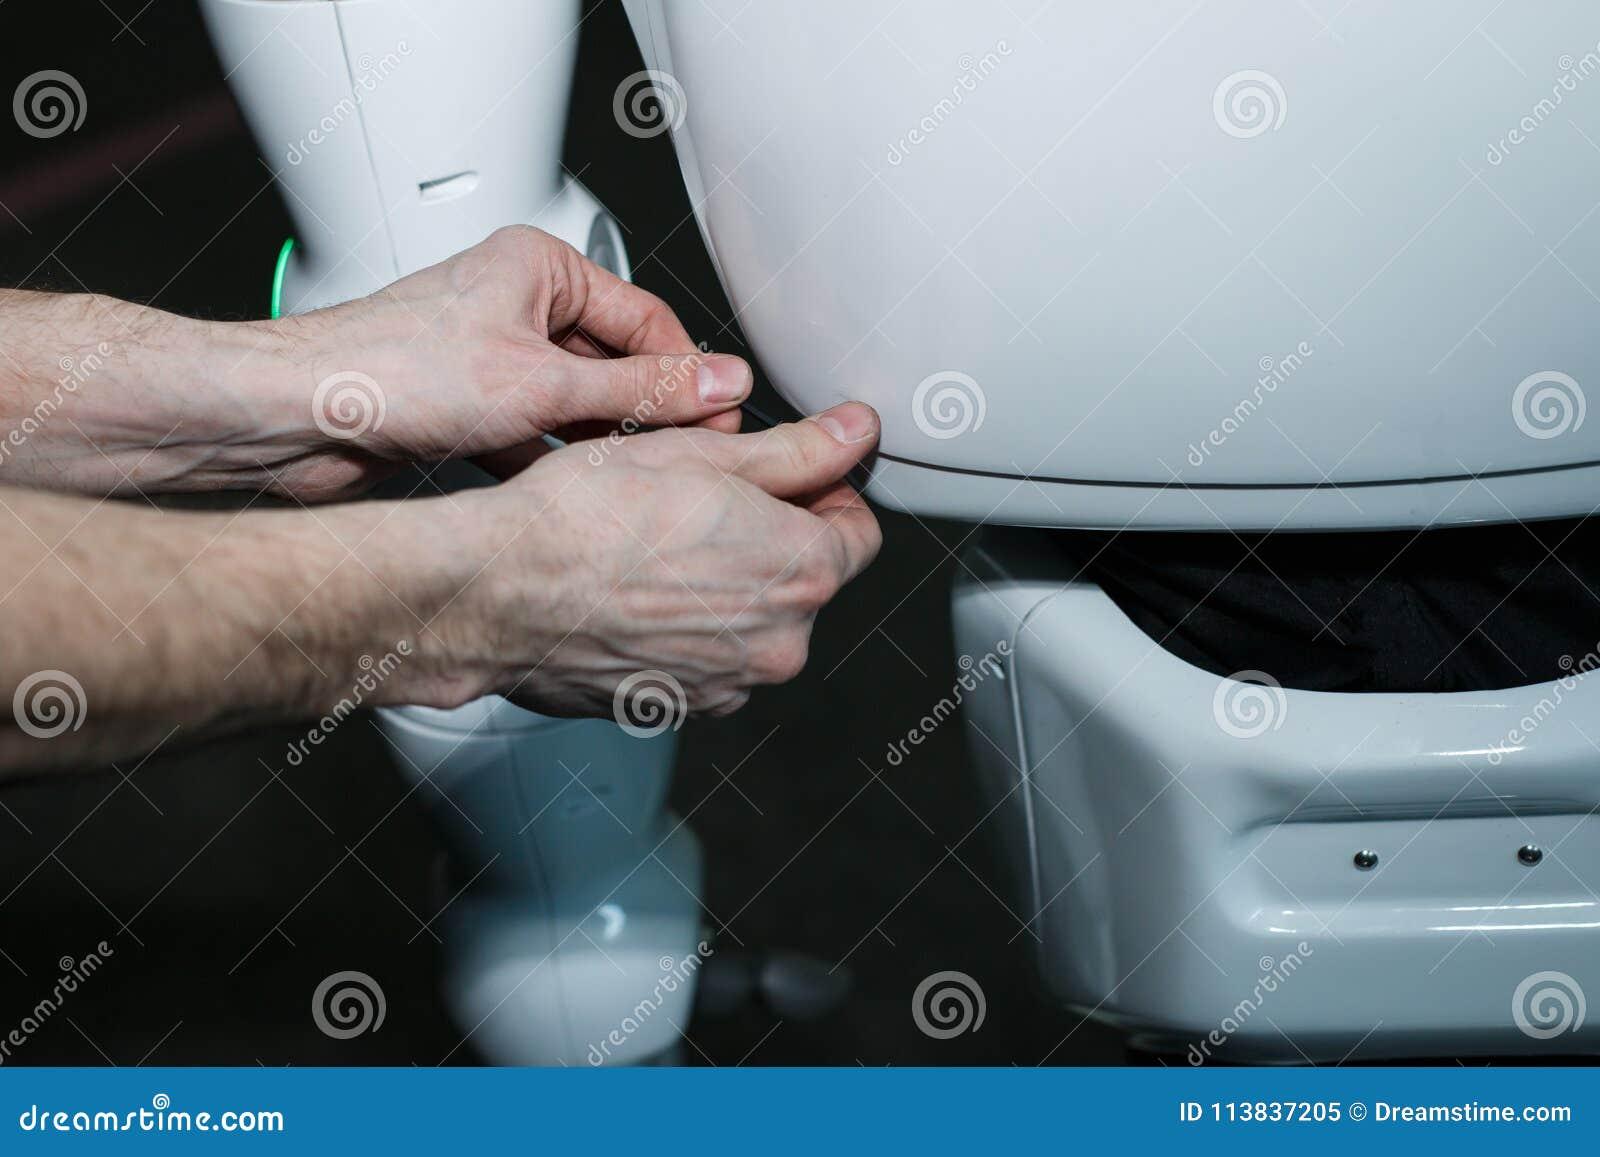 Fim futurista branco moderno do robô do humanoid acima do tiro